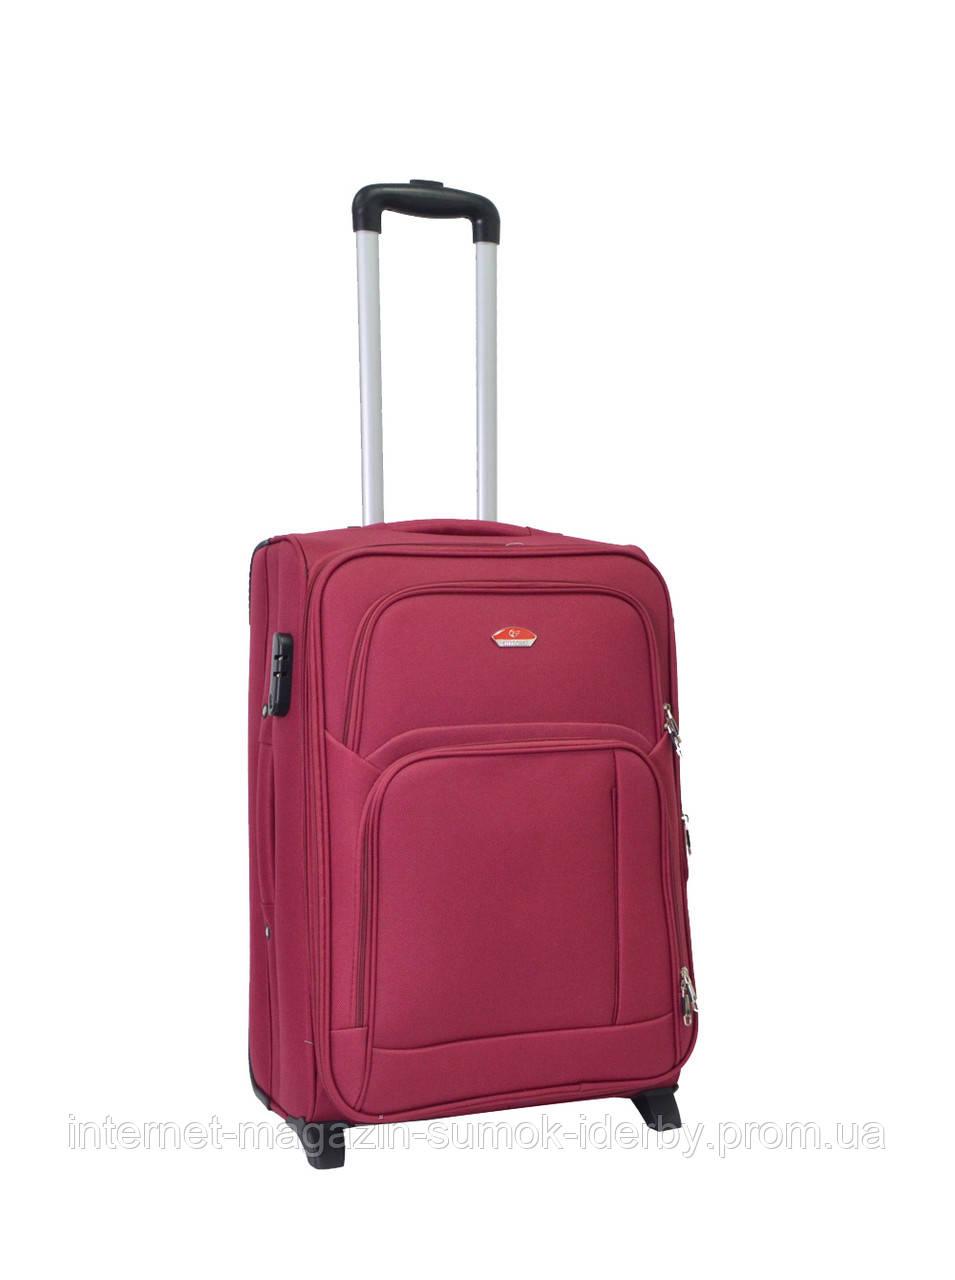 Чемодан Suitcase средний 11404-24 бордовый